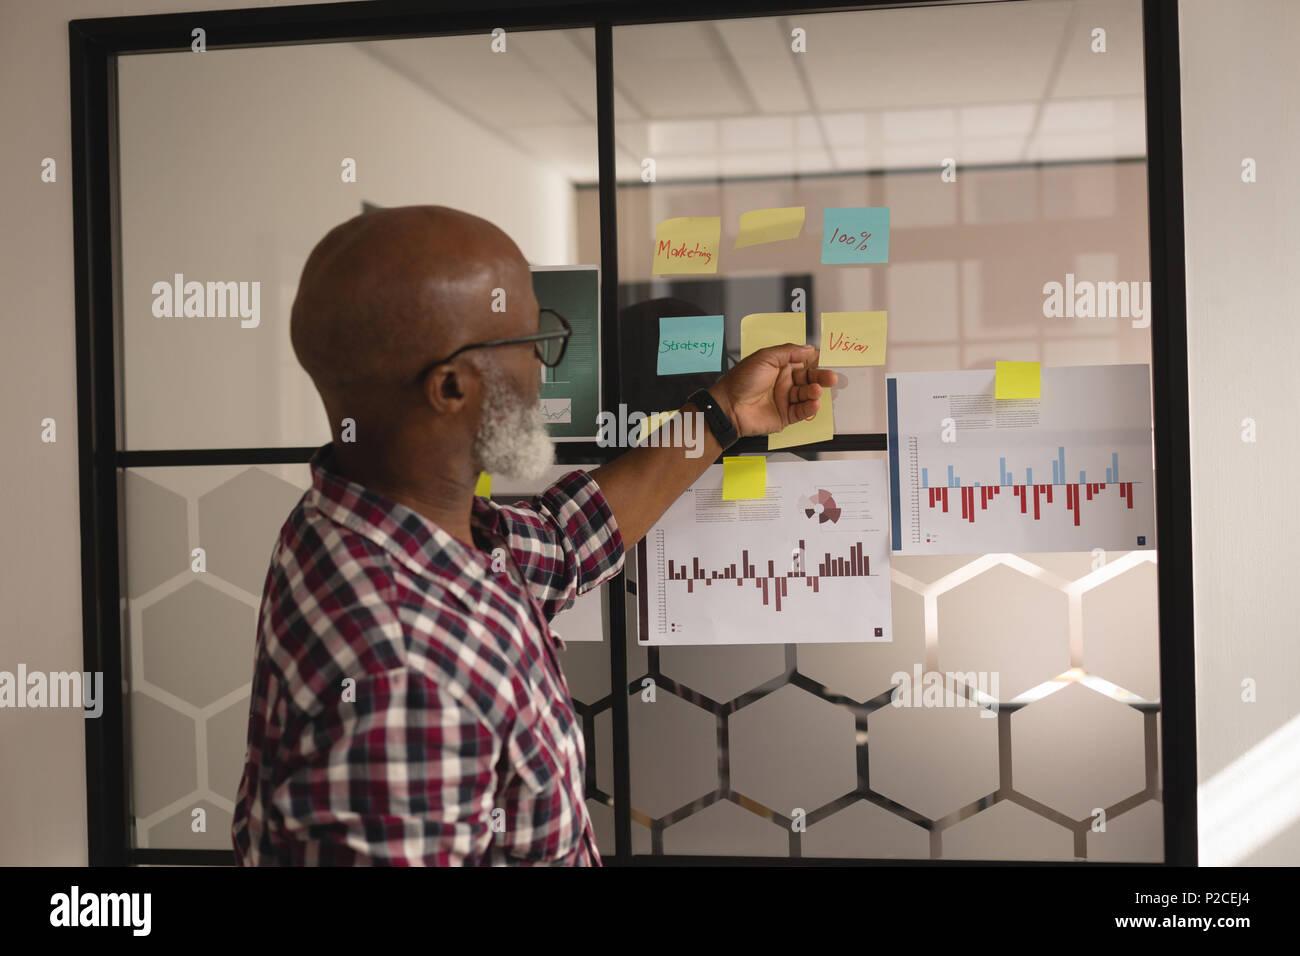 Diseñador gráfico Senior mirando notas rápidas Foto de stock